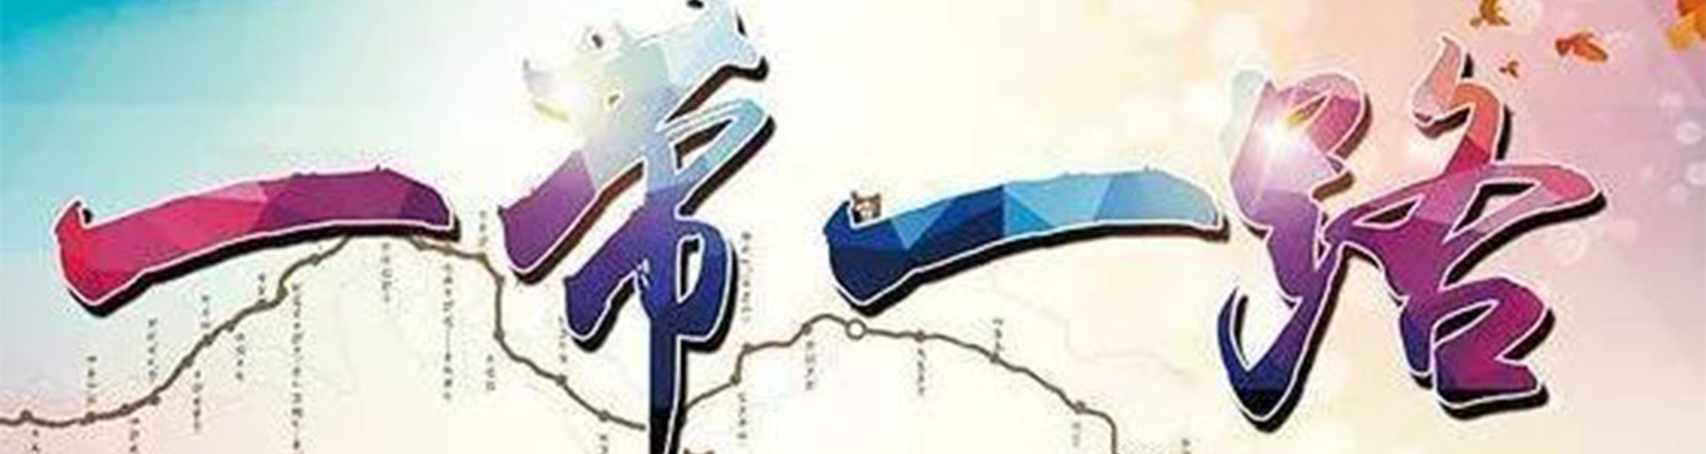 一带一路:中埃经贸合作迎来新的机遇时期